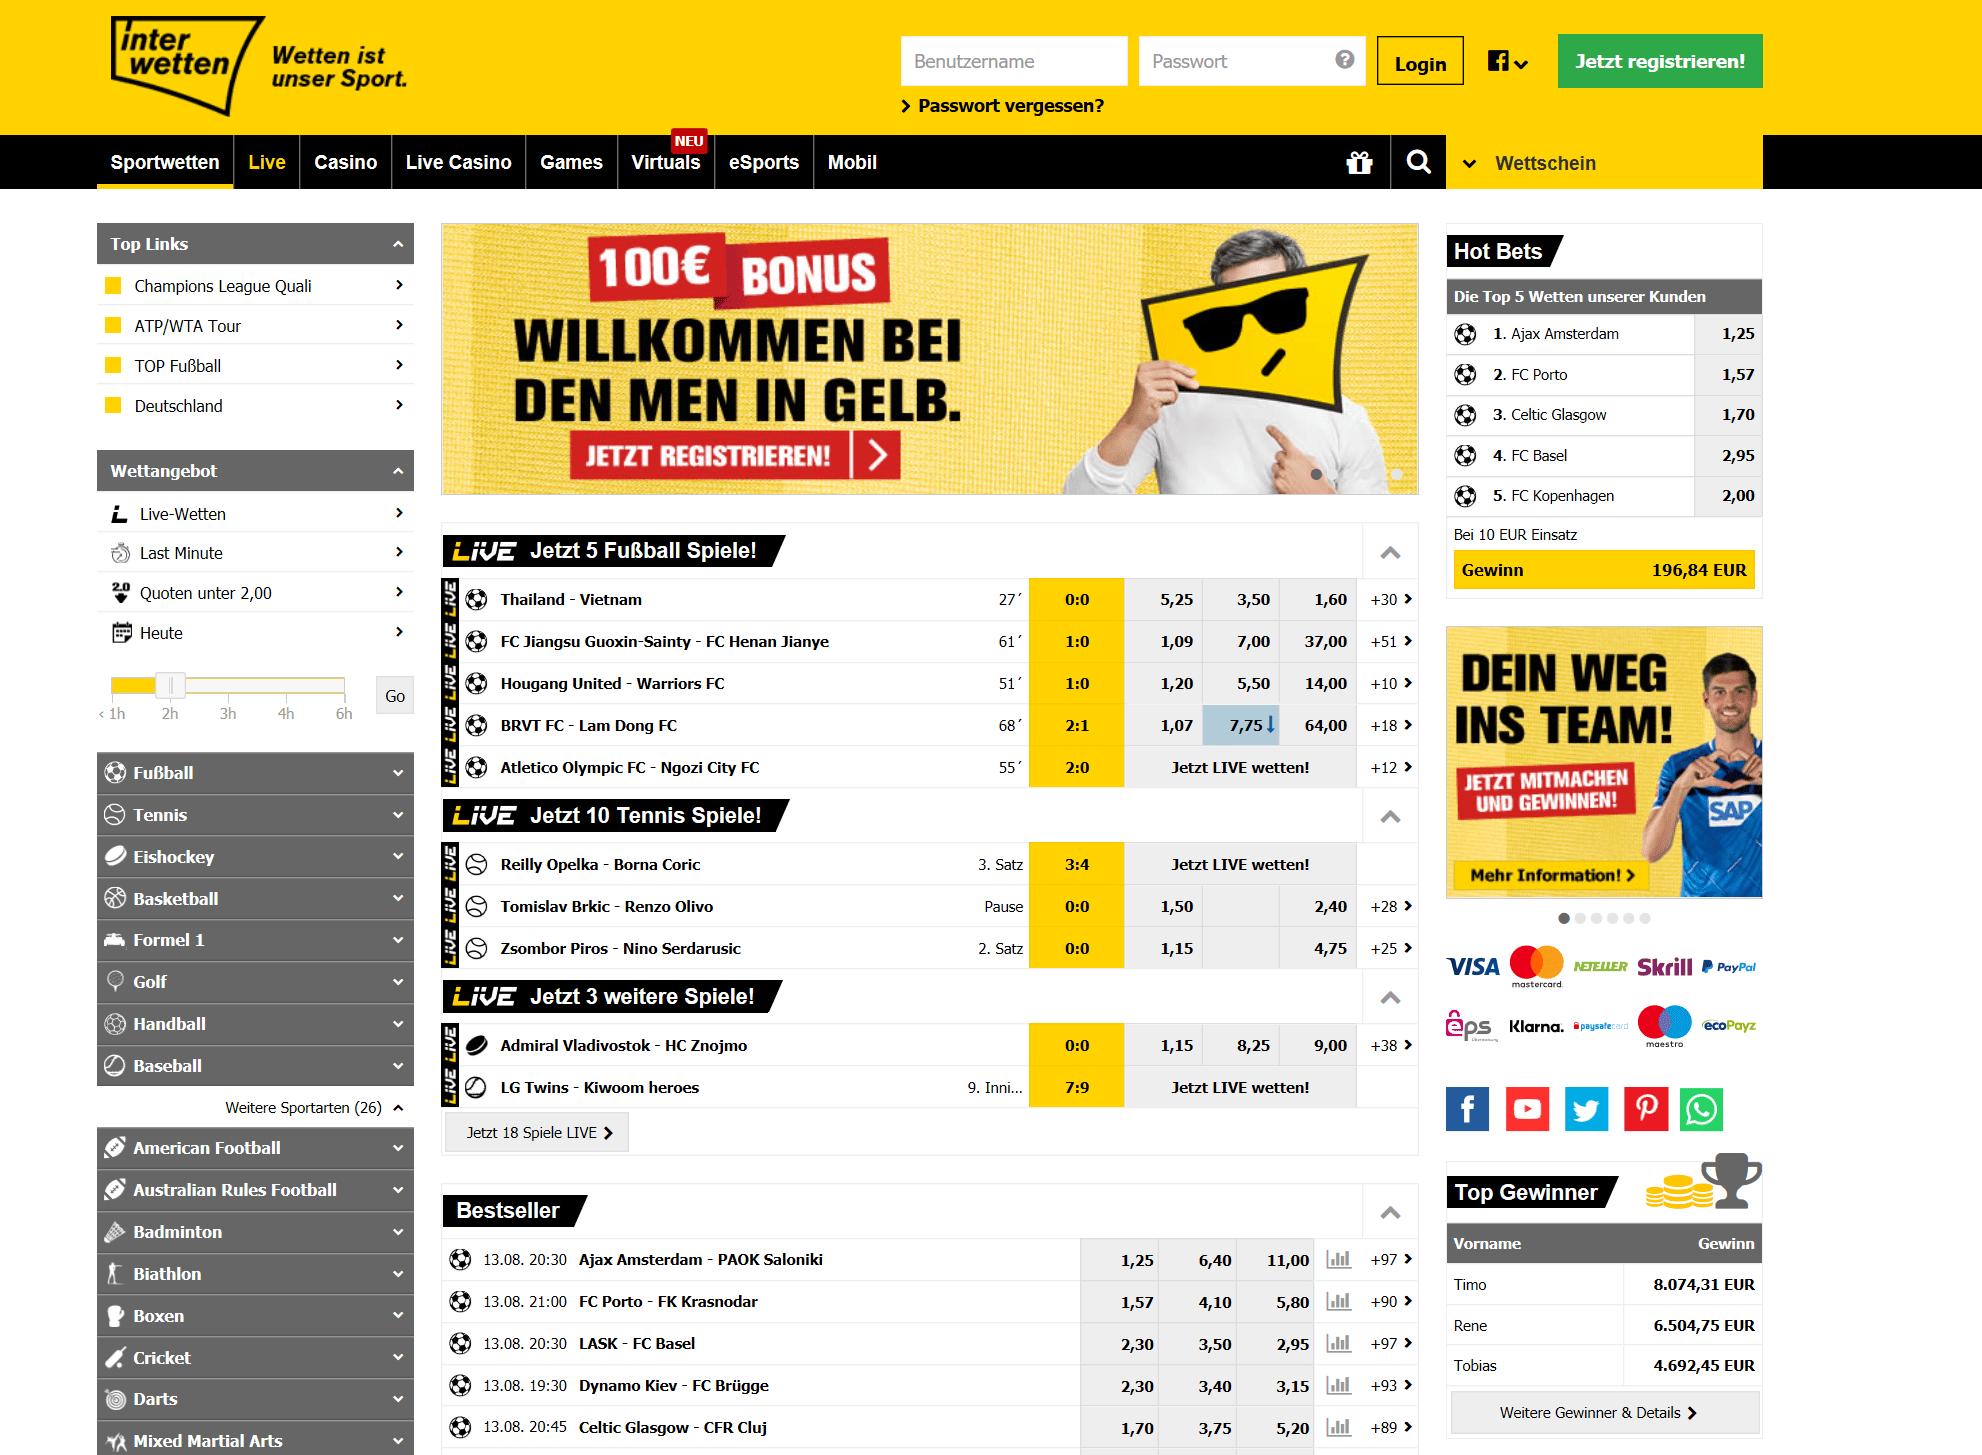 Interwetten Webseite